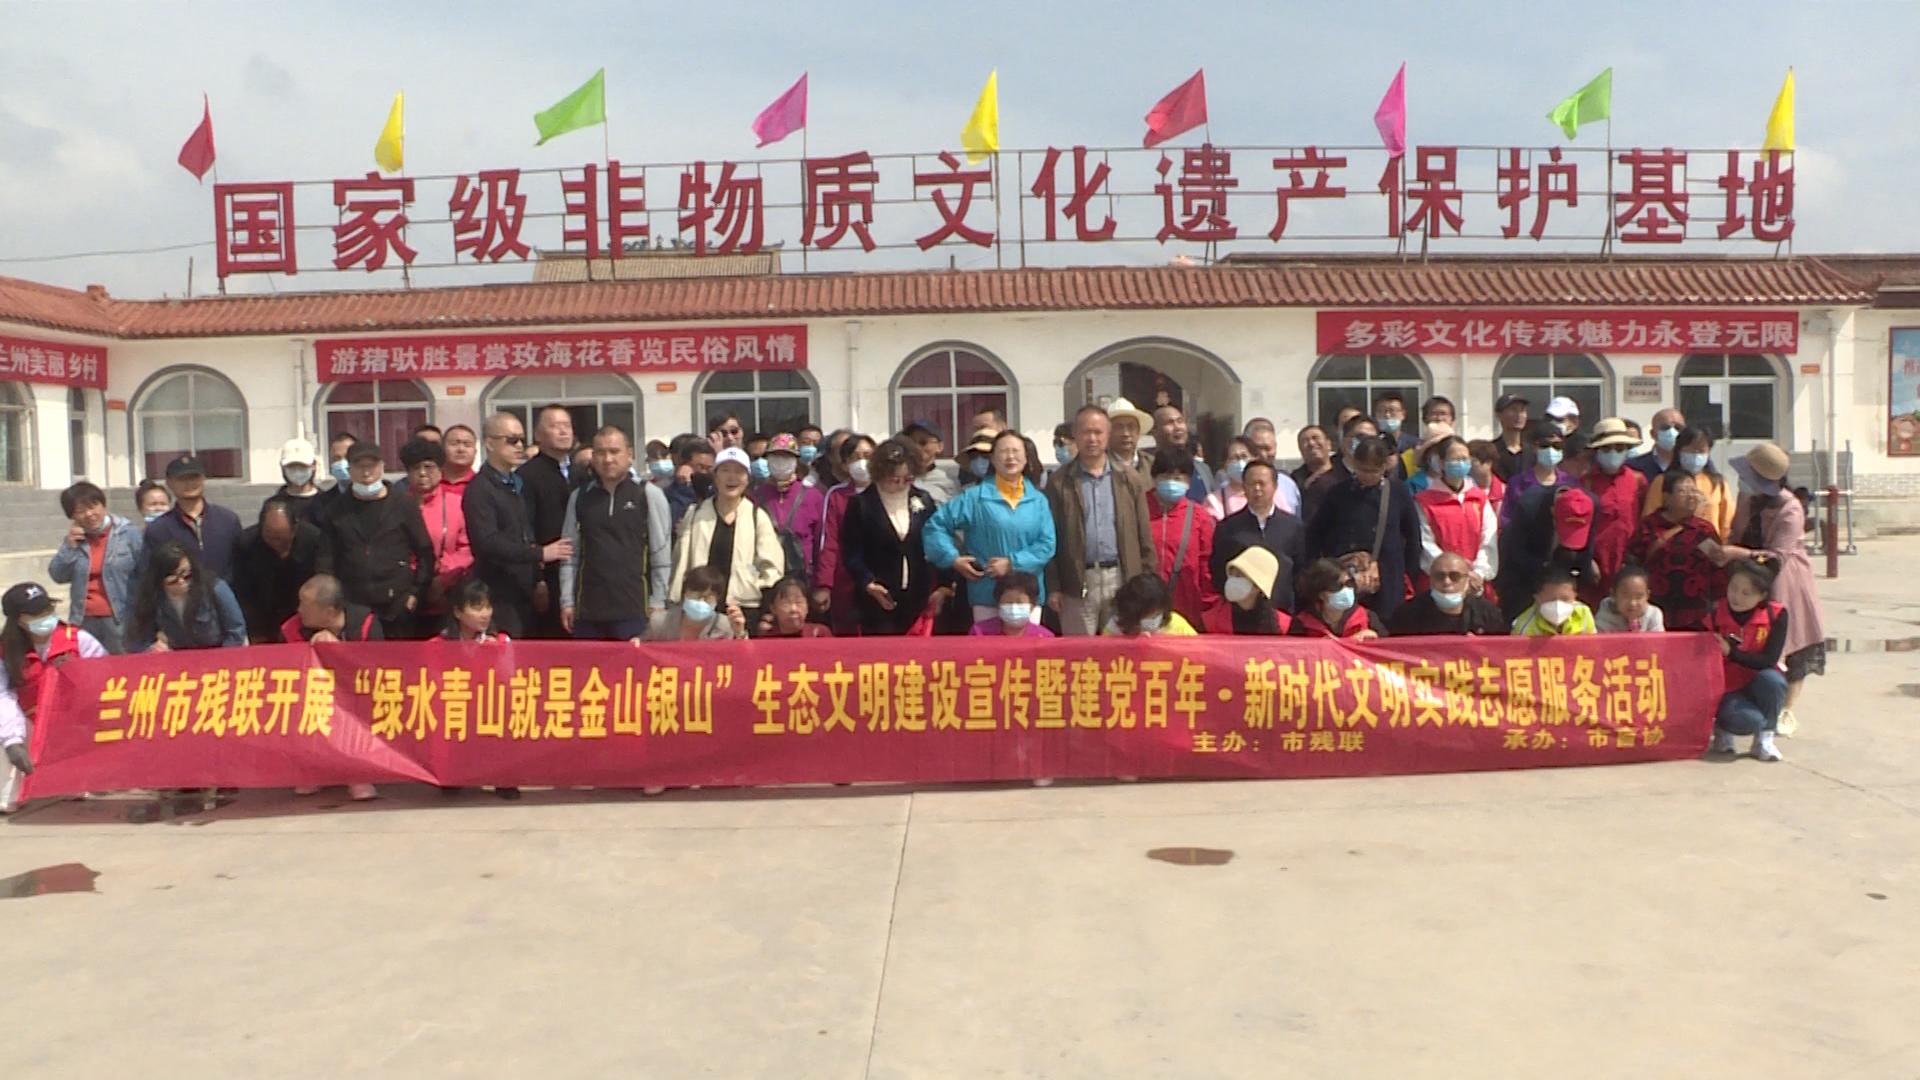 兰州市残联组织100名盲人及志愿者参观苦水镇玫瑰产业基地